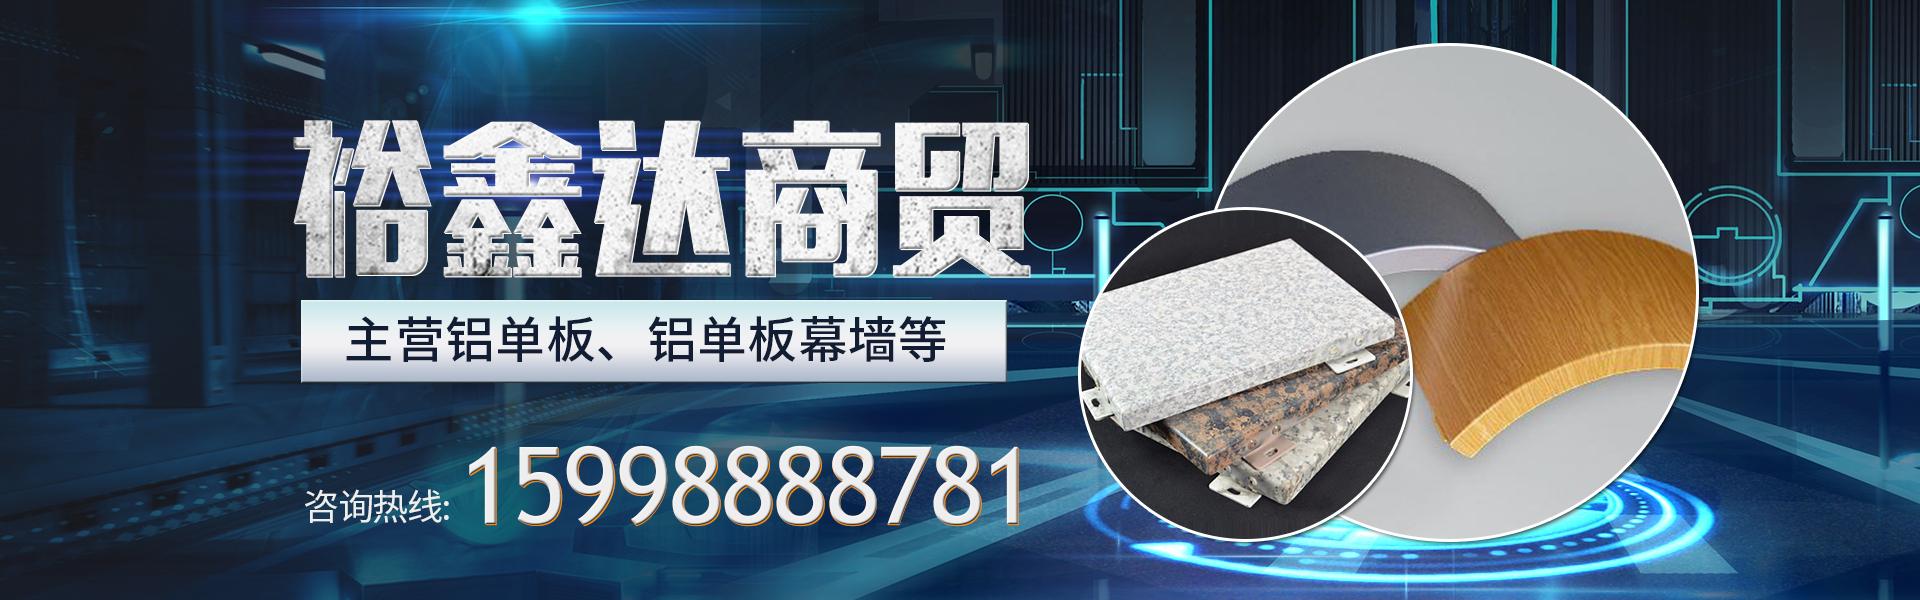 辽宁铝单板幕墙 辽宁铝单板厂家 辽宁铝单板制作 辽宁铝单板报价